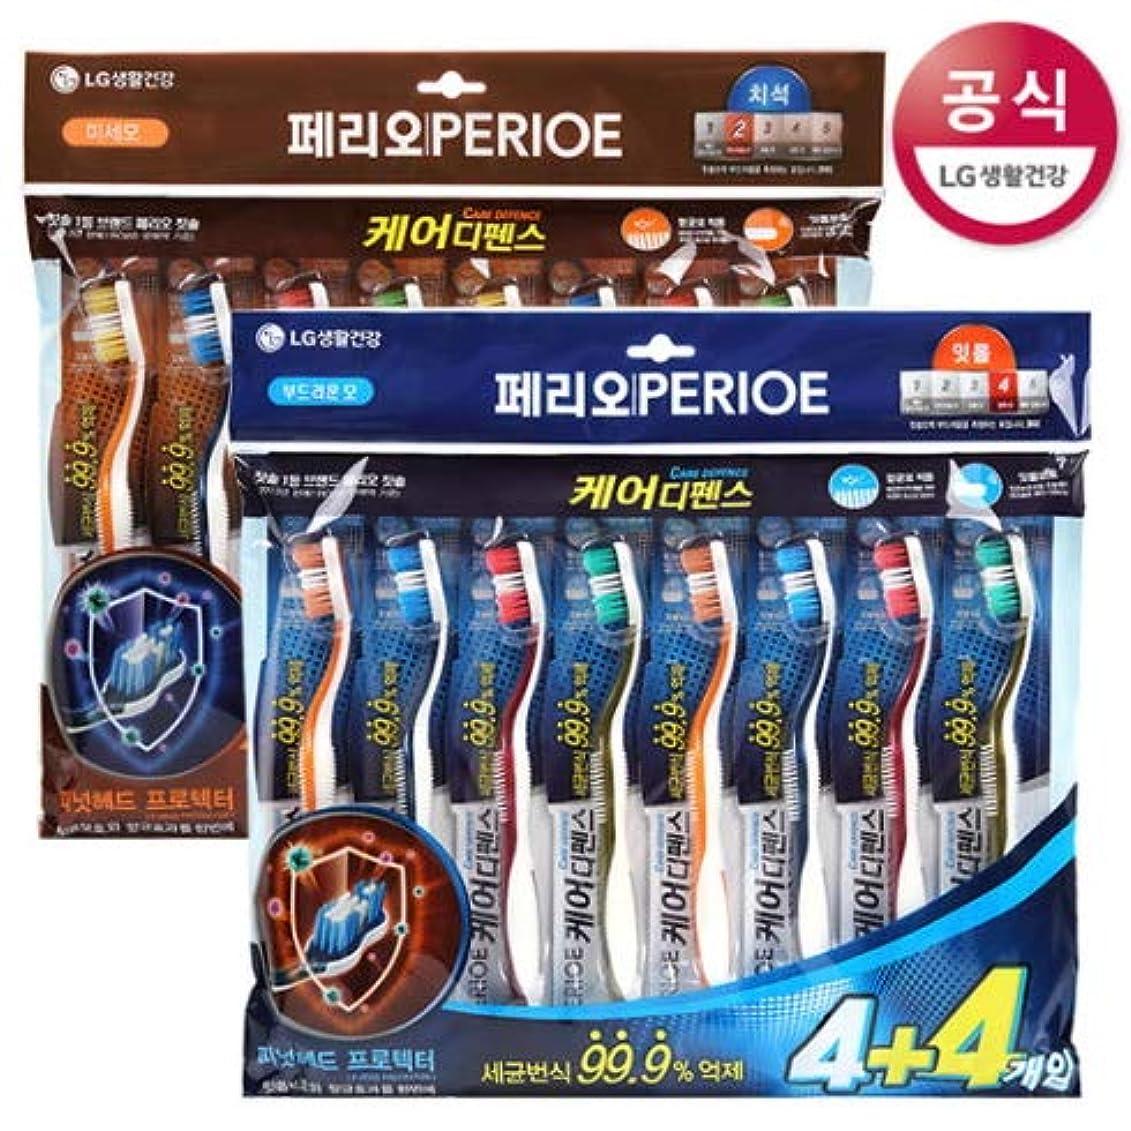 修羅場達成可能成り立つ[LG HnB] Perio CareDance Toothbrush/ペリオケアディフェンス歯ブラシ 8口x2個(海外直送品)